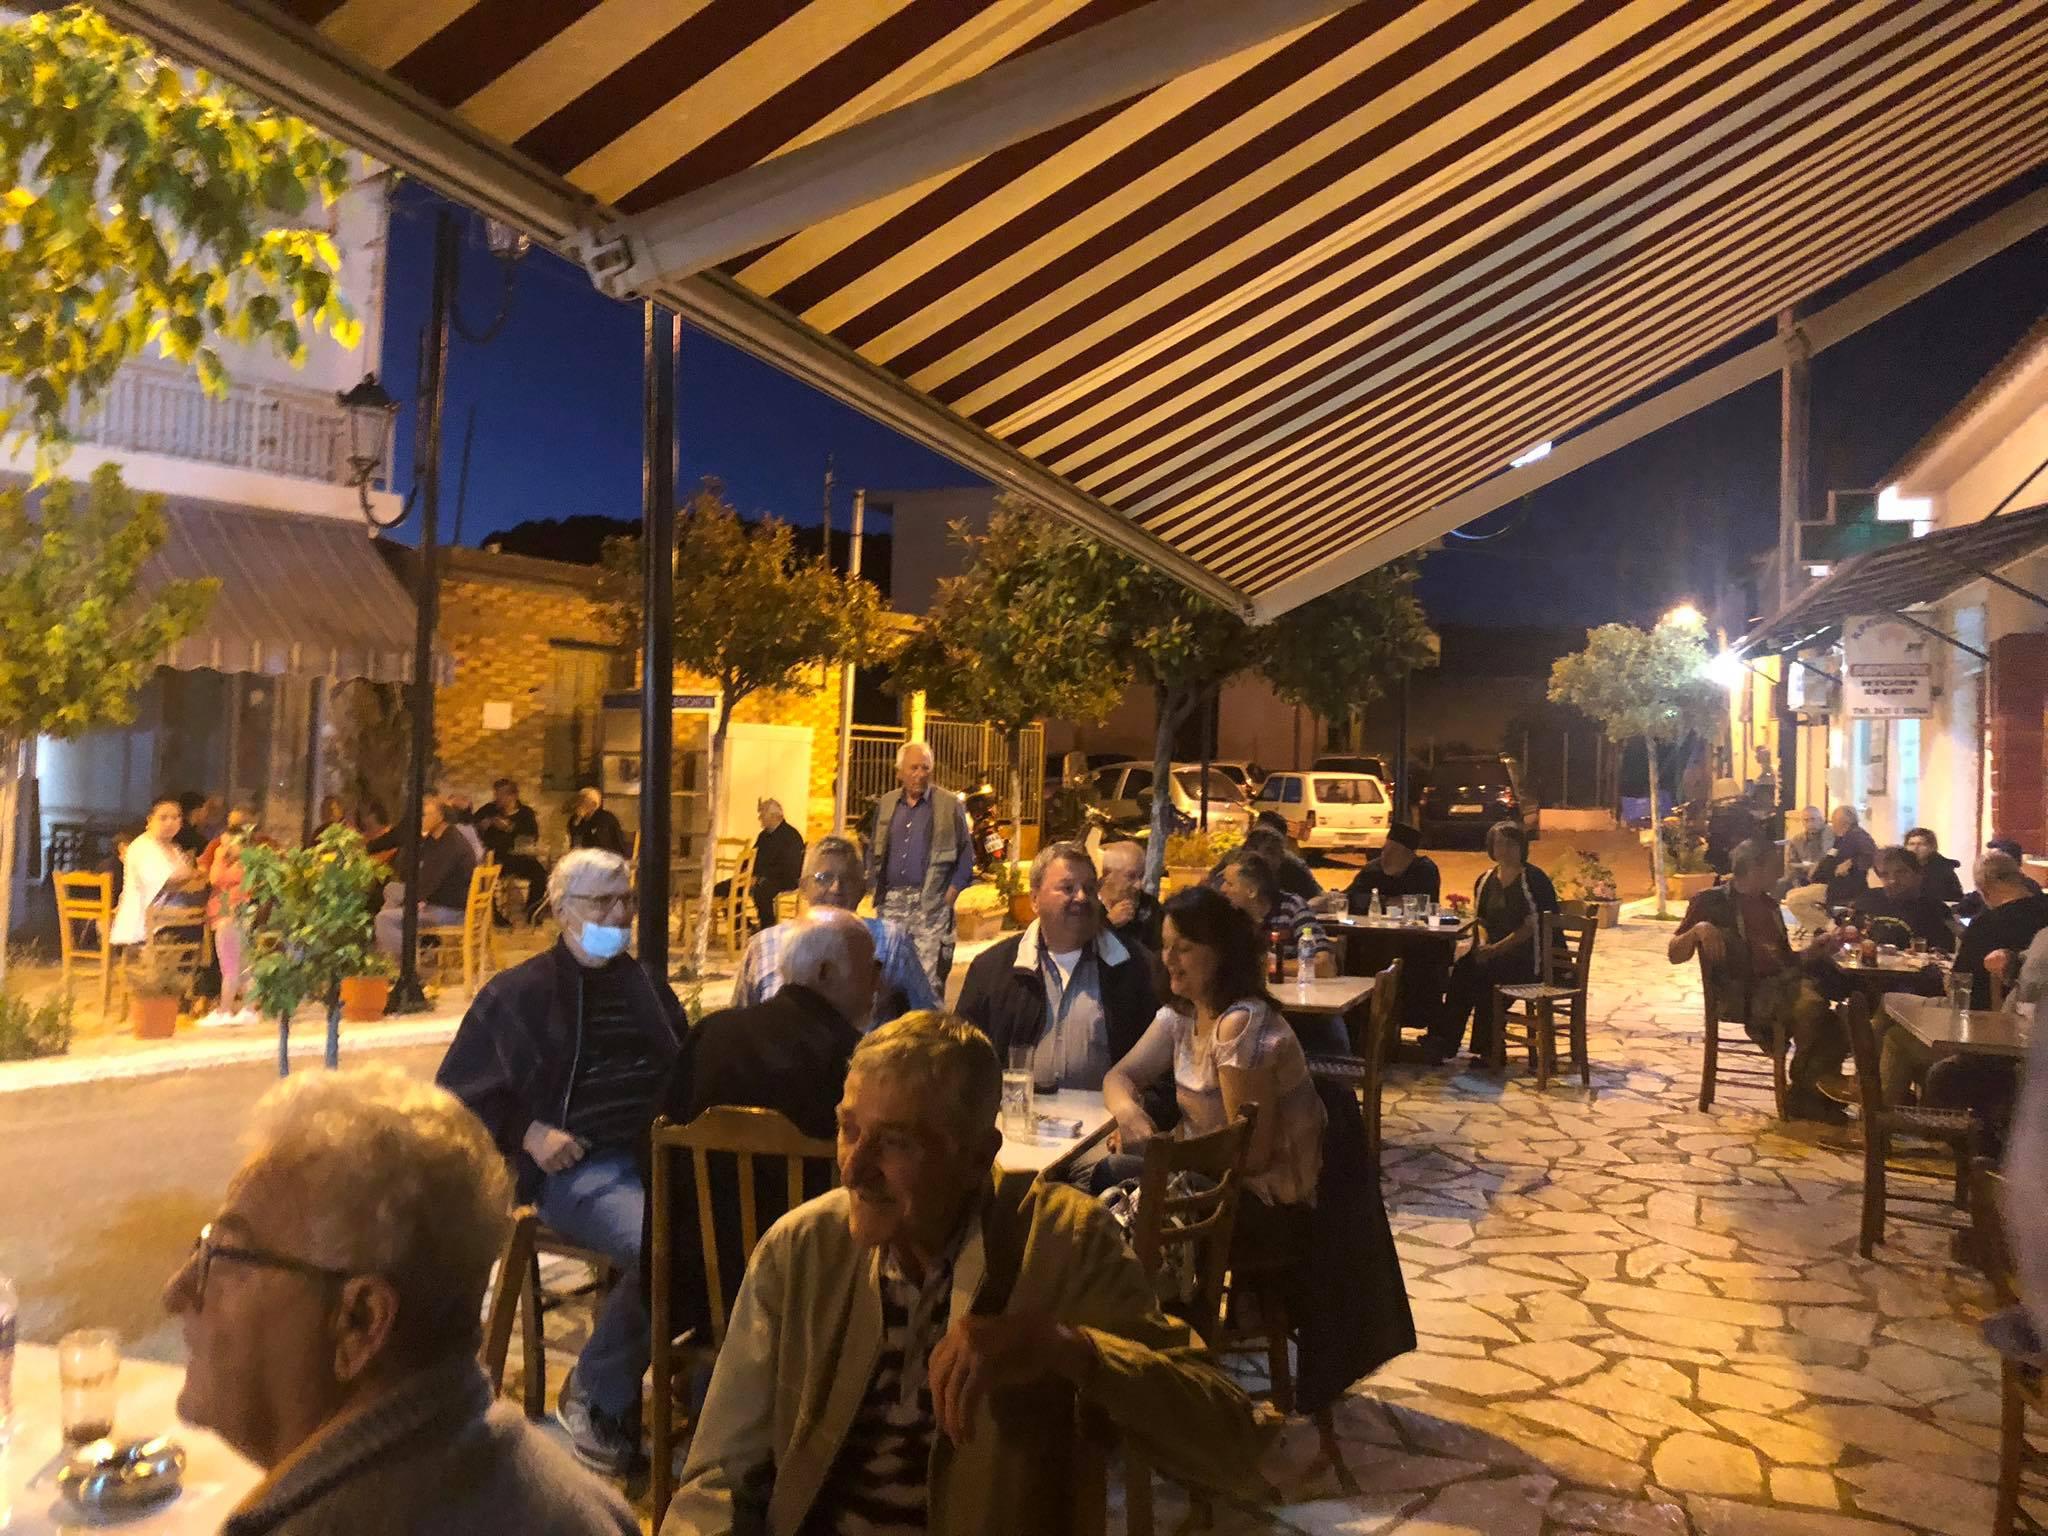 Ο Δήμαρχος Πύργου Τάκης Αντωνακόπουλος στο γραφικό Κολίρι (photos)